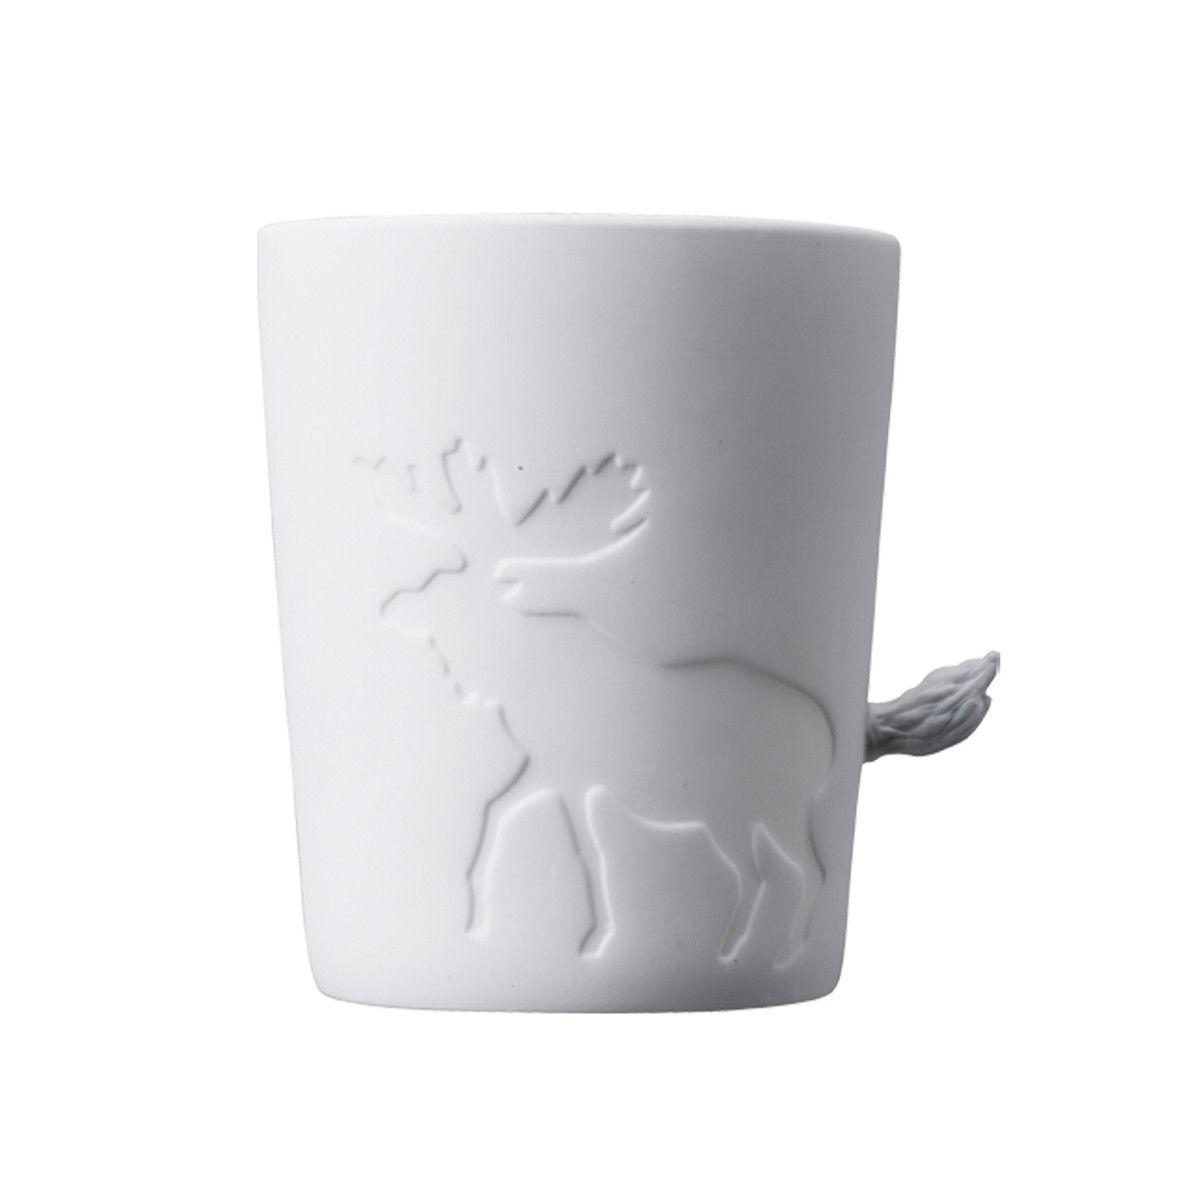 Mugtail Moose Set Of 2 | FuN Stuff | Pinterest | Moose, Kitchen ...